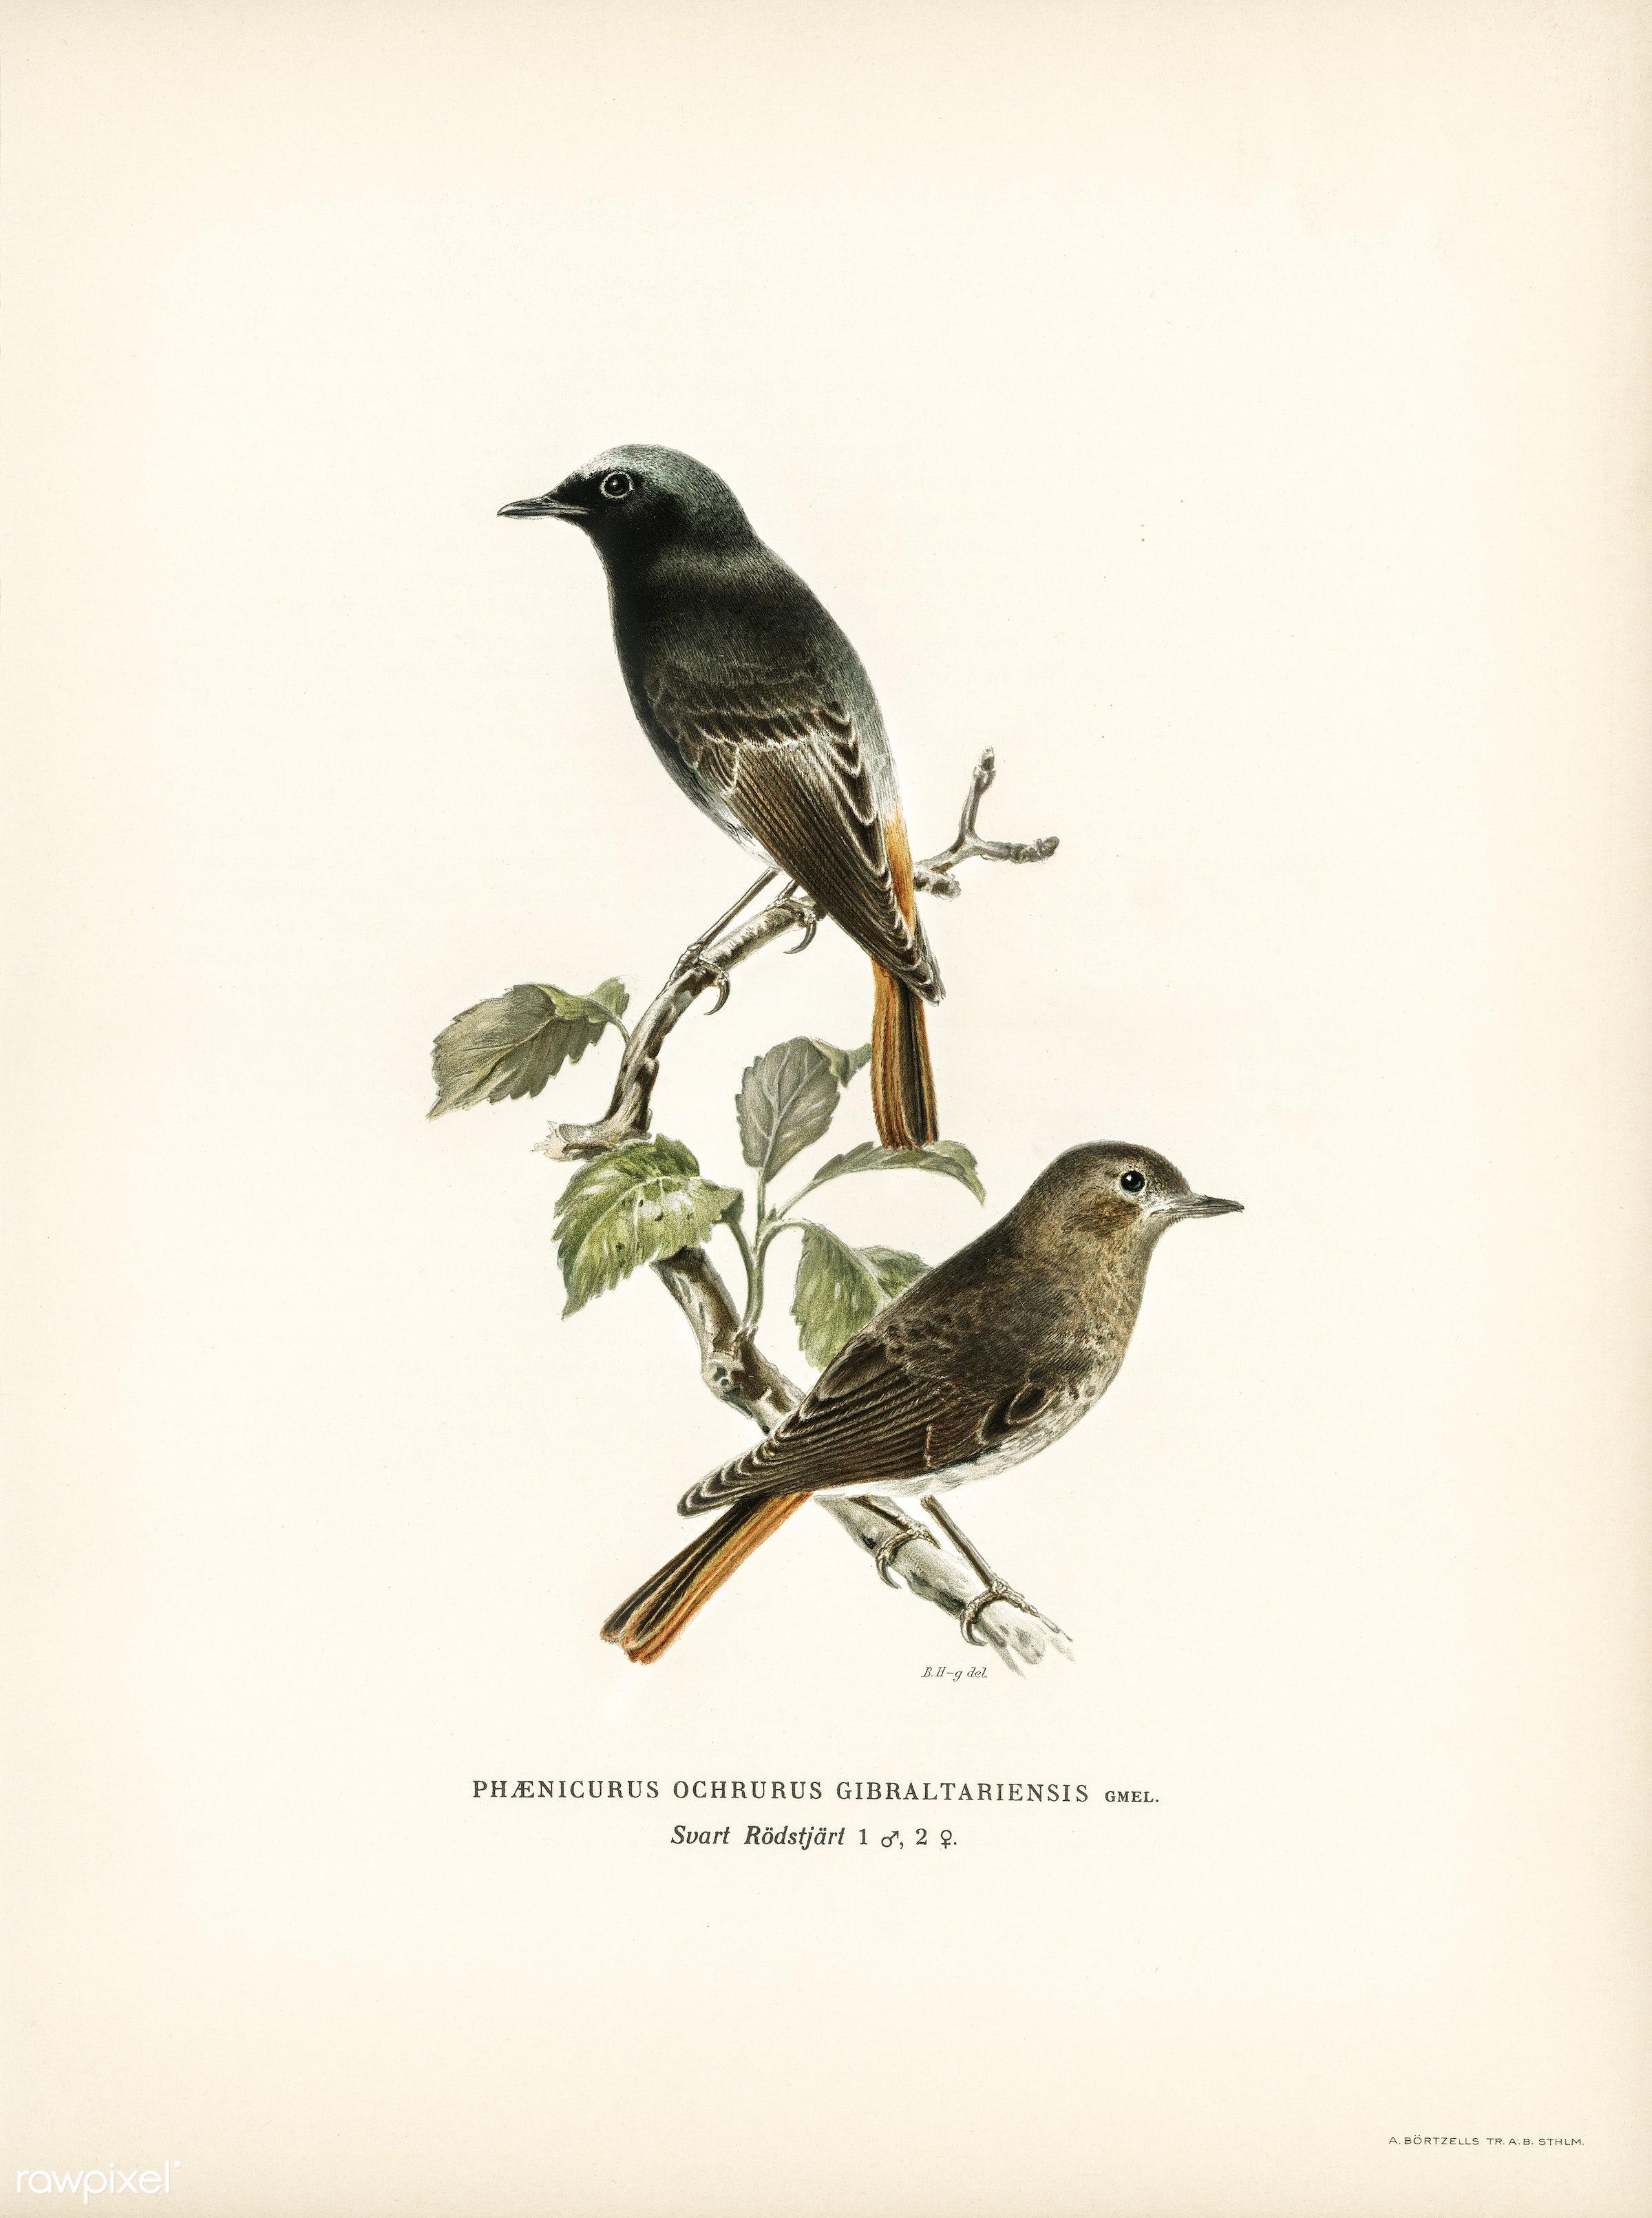 European black redstart (phoenicurus ochruros gibraltariensis) illustrated by the von Wright brothers. Digitally enhanced...